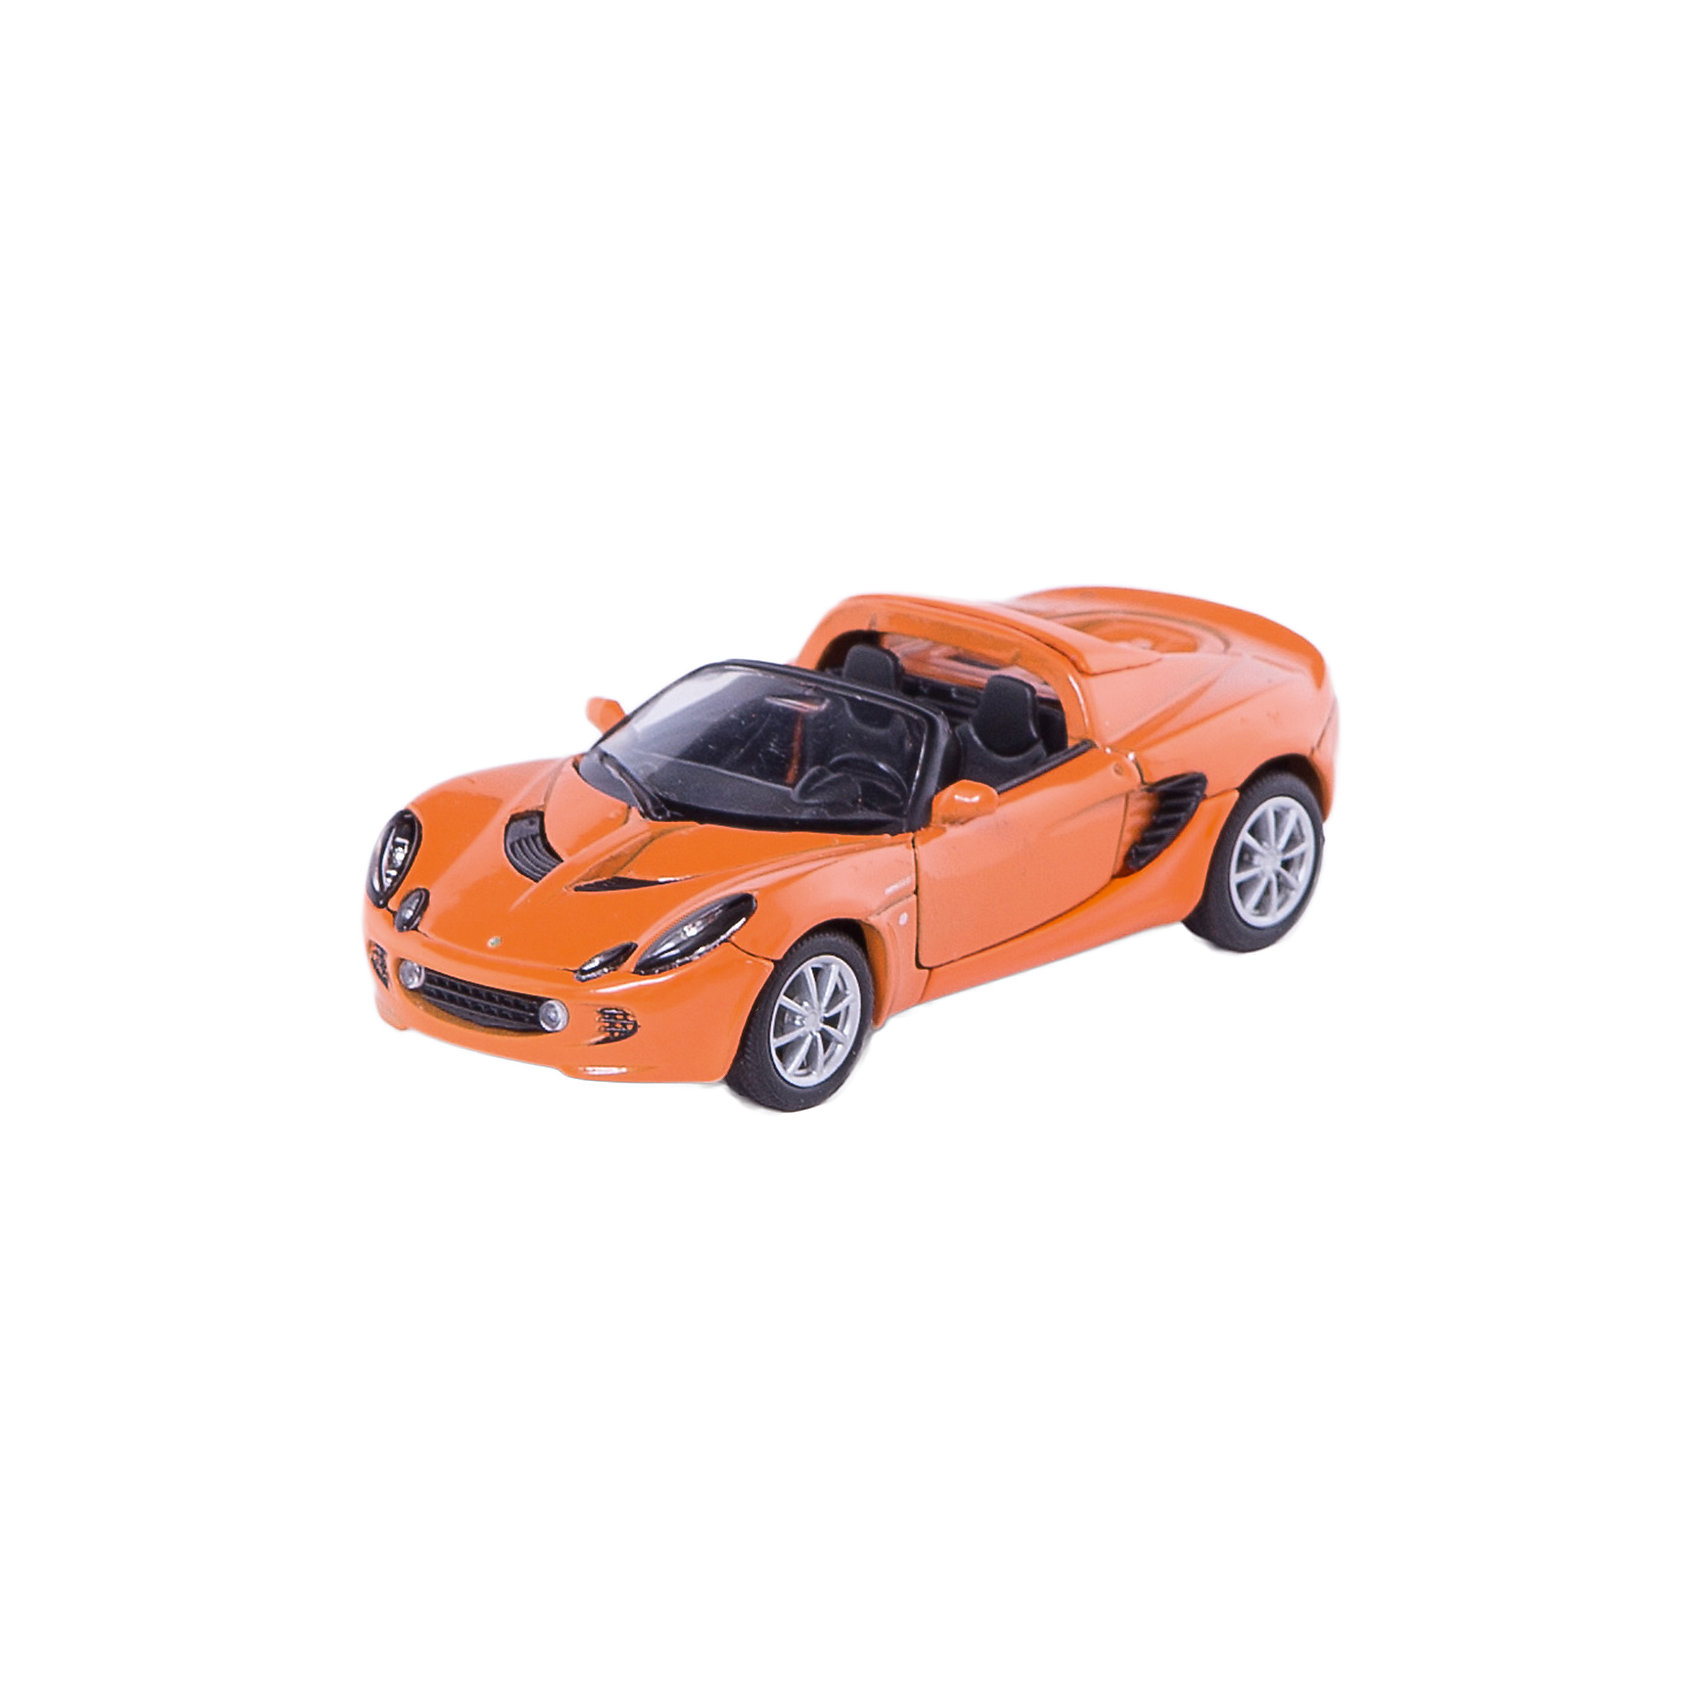 Welly Модель машины 1:34-39 2003 LOTUS ELISE IIISКоллекционные модели<br>Welly Модель машины 1:34-39 2003 LOTUS ELISE IIIS<br><br>Характеристика:<br><br>-Размер упаковки: 15х6х12 см<br>-Вес: 0,15 кг<br>-Для мальчиков<br>-Возраст: от 3 лет<br>-Материал: пластик, металл, резина<br>-Цвет: желтый<br>-Бренд: Welly<br>-Производитель: Китай<br><br>Welly Модель машины 1:34-39 2003 LOTUS ELISE IIIS - это настоящий кабриолет в уменьшенной версии. С такой машиной игры для любителя гонок станут интереснее и реалистичнее. Машина привлекает своим блеском и инерционным механизмом. Так же у нее открываются передние двери.<br><br>Welly Модель машины 1:34-39 2003 LOTUS ELISE IIIS можно приобрести в нашем интернет-магазине.<br><br>Ширина мм: 145<br>Глубина мм: 115<br>Высота мм: 60<br>Вес г: 163<br>Возраст от месяцев: 84<br>Возраст до месяцев: 144<br>Пол: Мужской<br>Возраст: Детский<br>SKU: 2150126